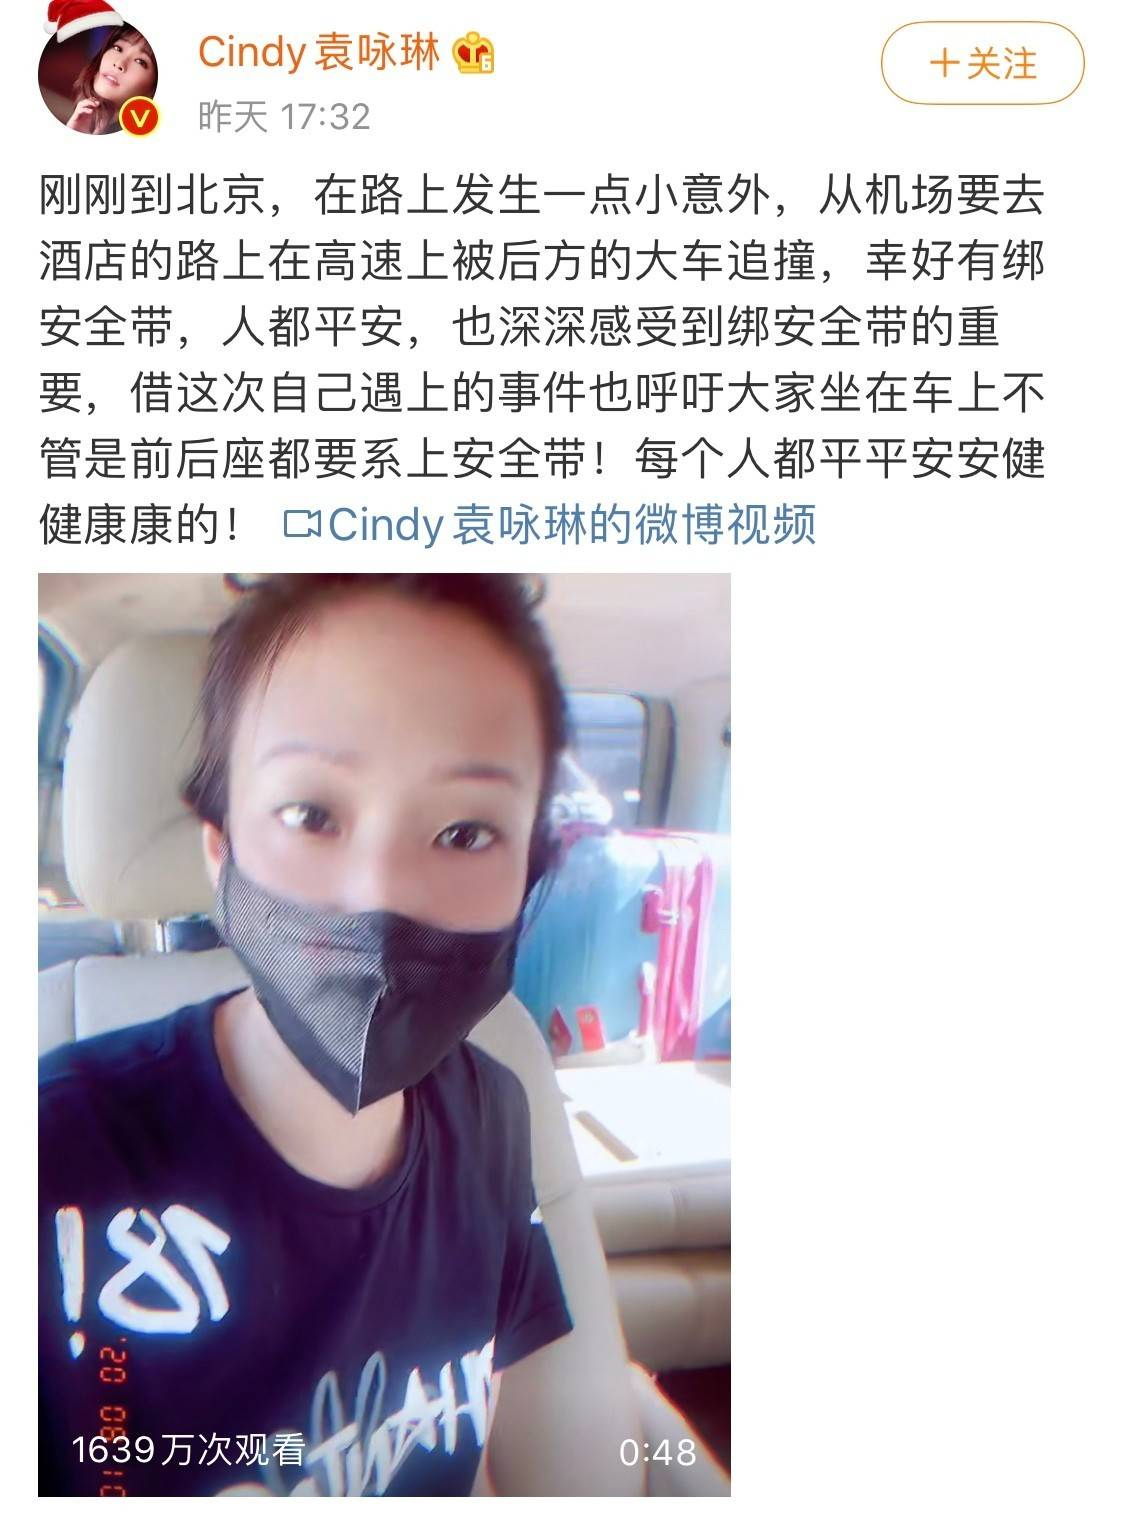 袁咏琳遇车祸后报平安,贴心提醒大家系好安全带